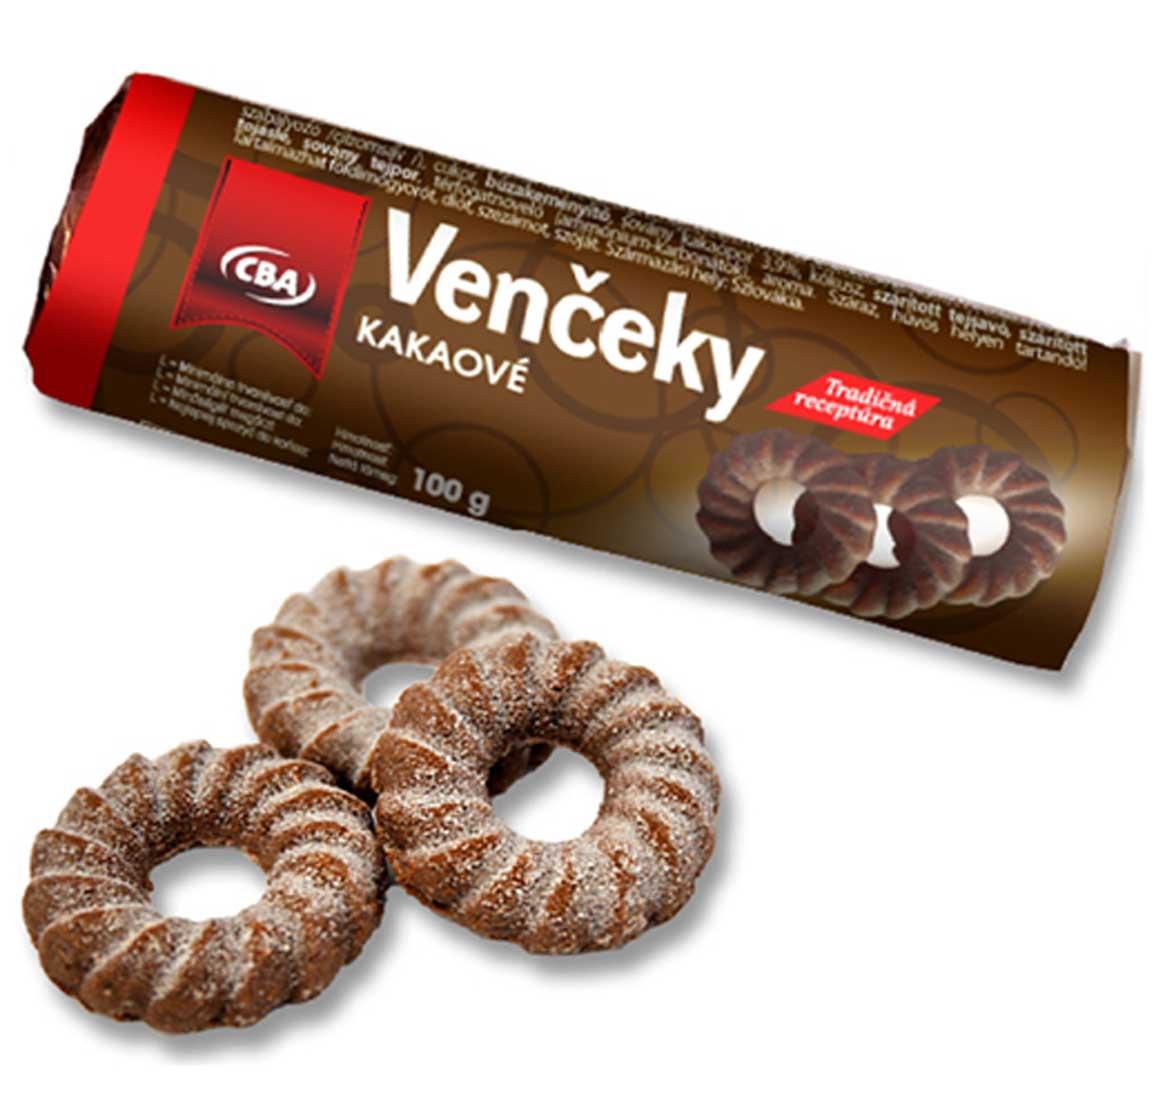 CBA Kakaové venčeky sušienky obaľované 100 g